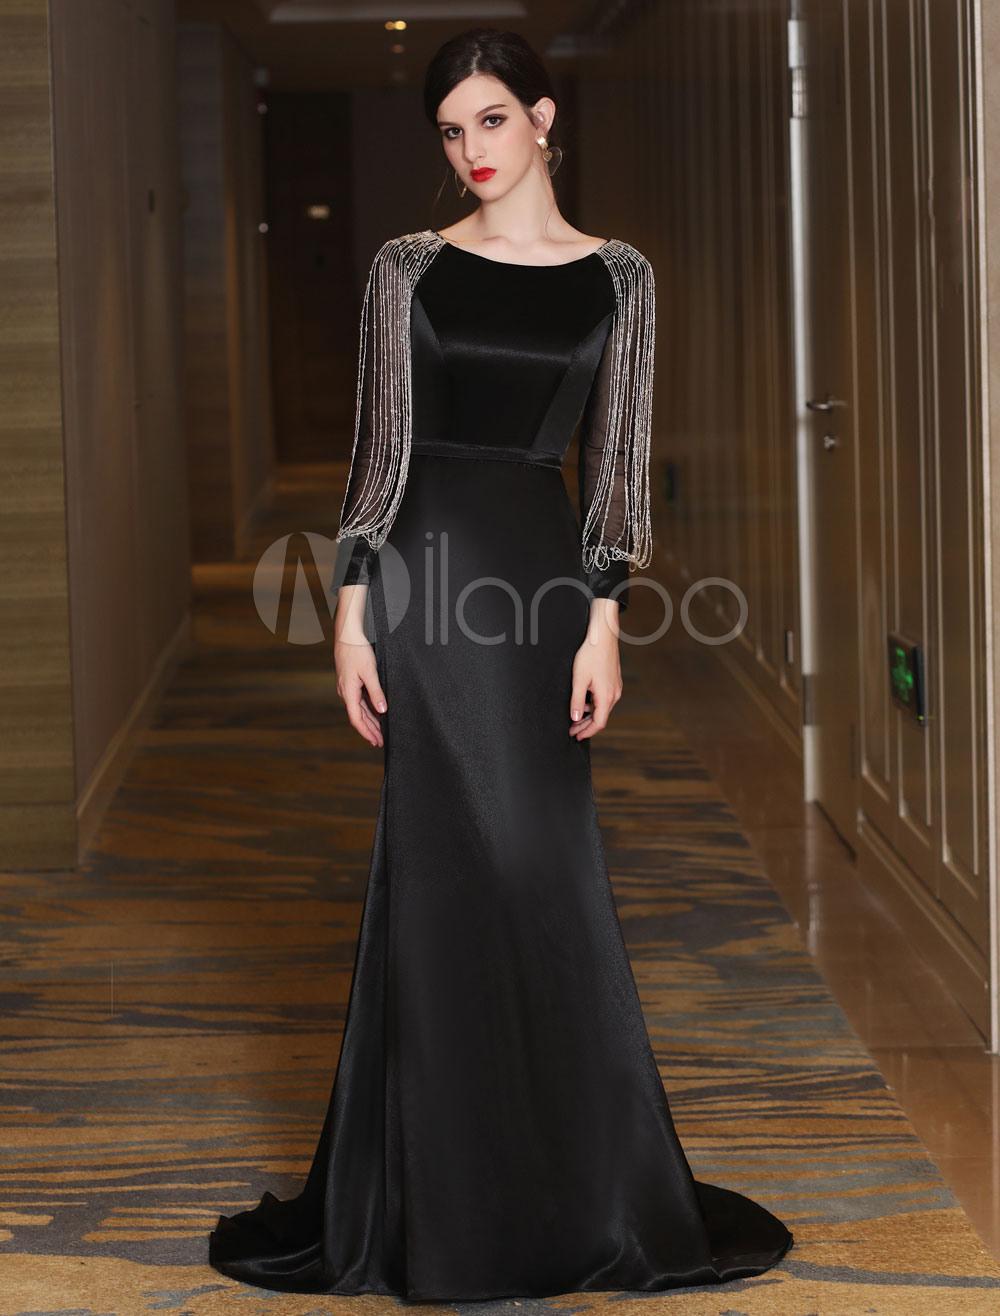 20 Genial Abendkleid Lang Mit Ärmel Galerie Coolste Abendkleid Lang Mit Ärmel Stylish